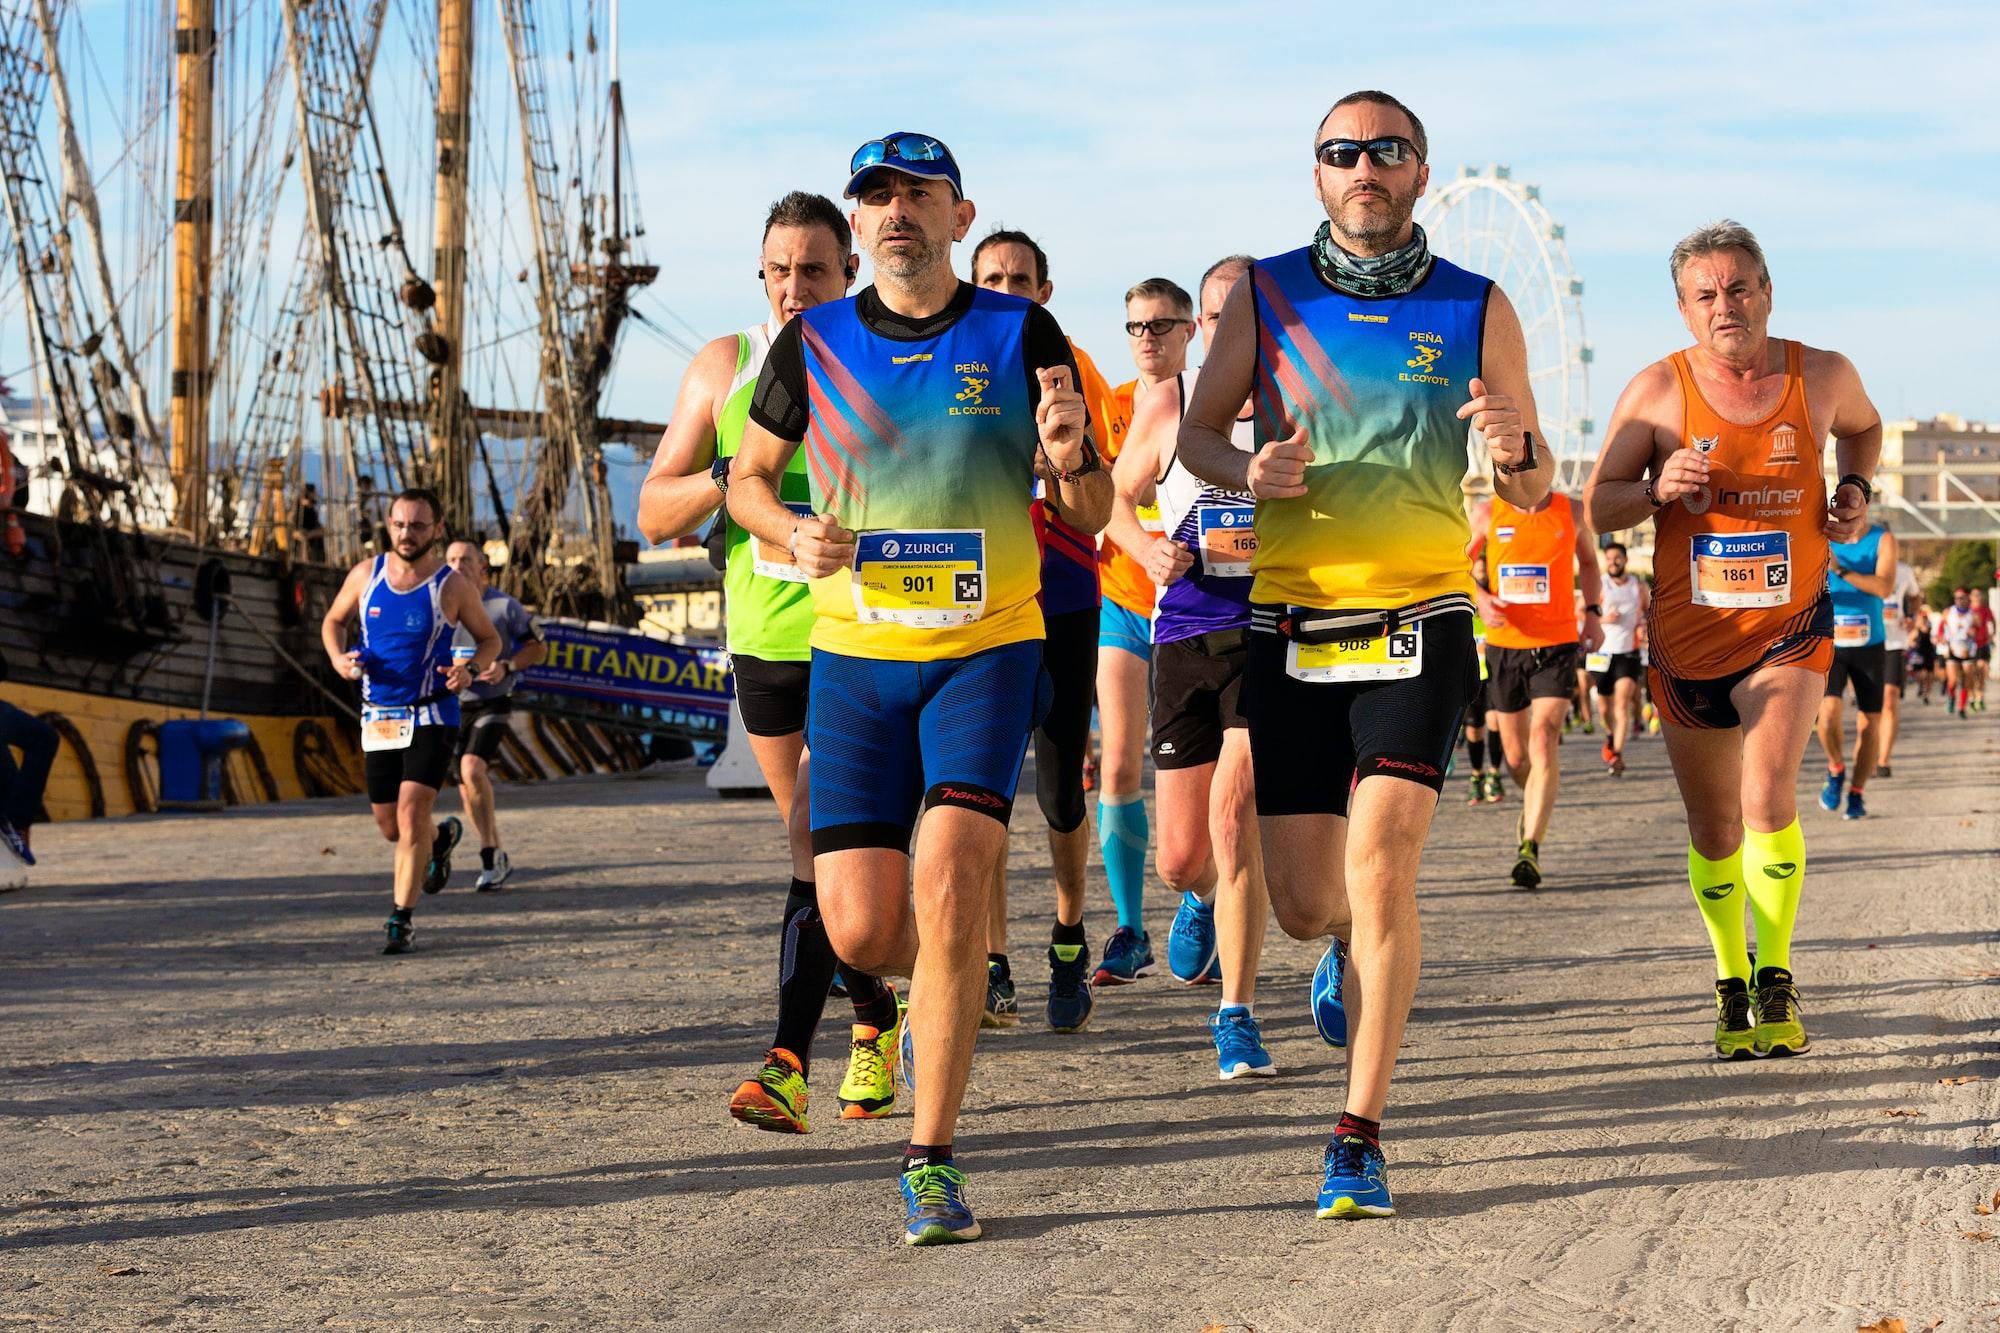 Durante la Maratón de Málaga, celebrada el 10-12-2017 a su paso por el Palmeral de las Sorpresas en el Puerto de Málaga.